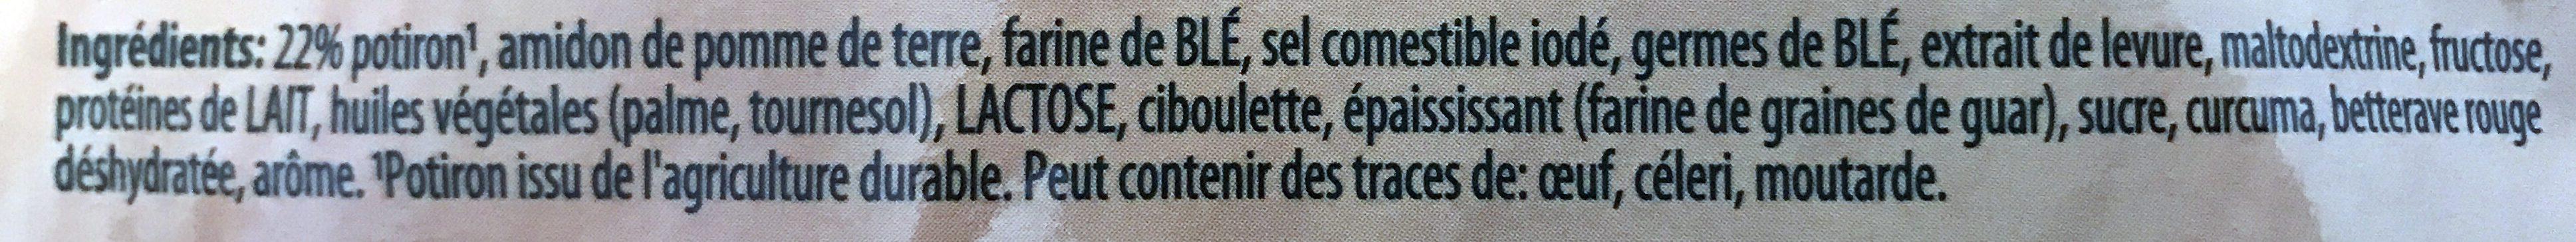 Crème de Courges - Inhaltsstoffe - fr